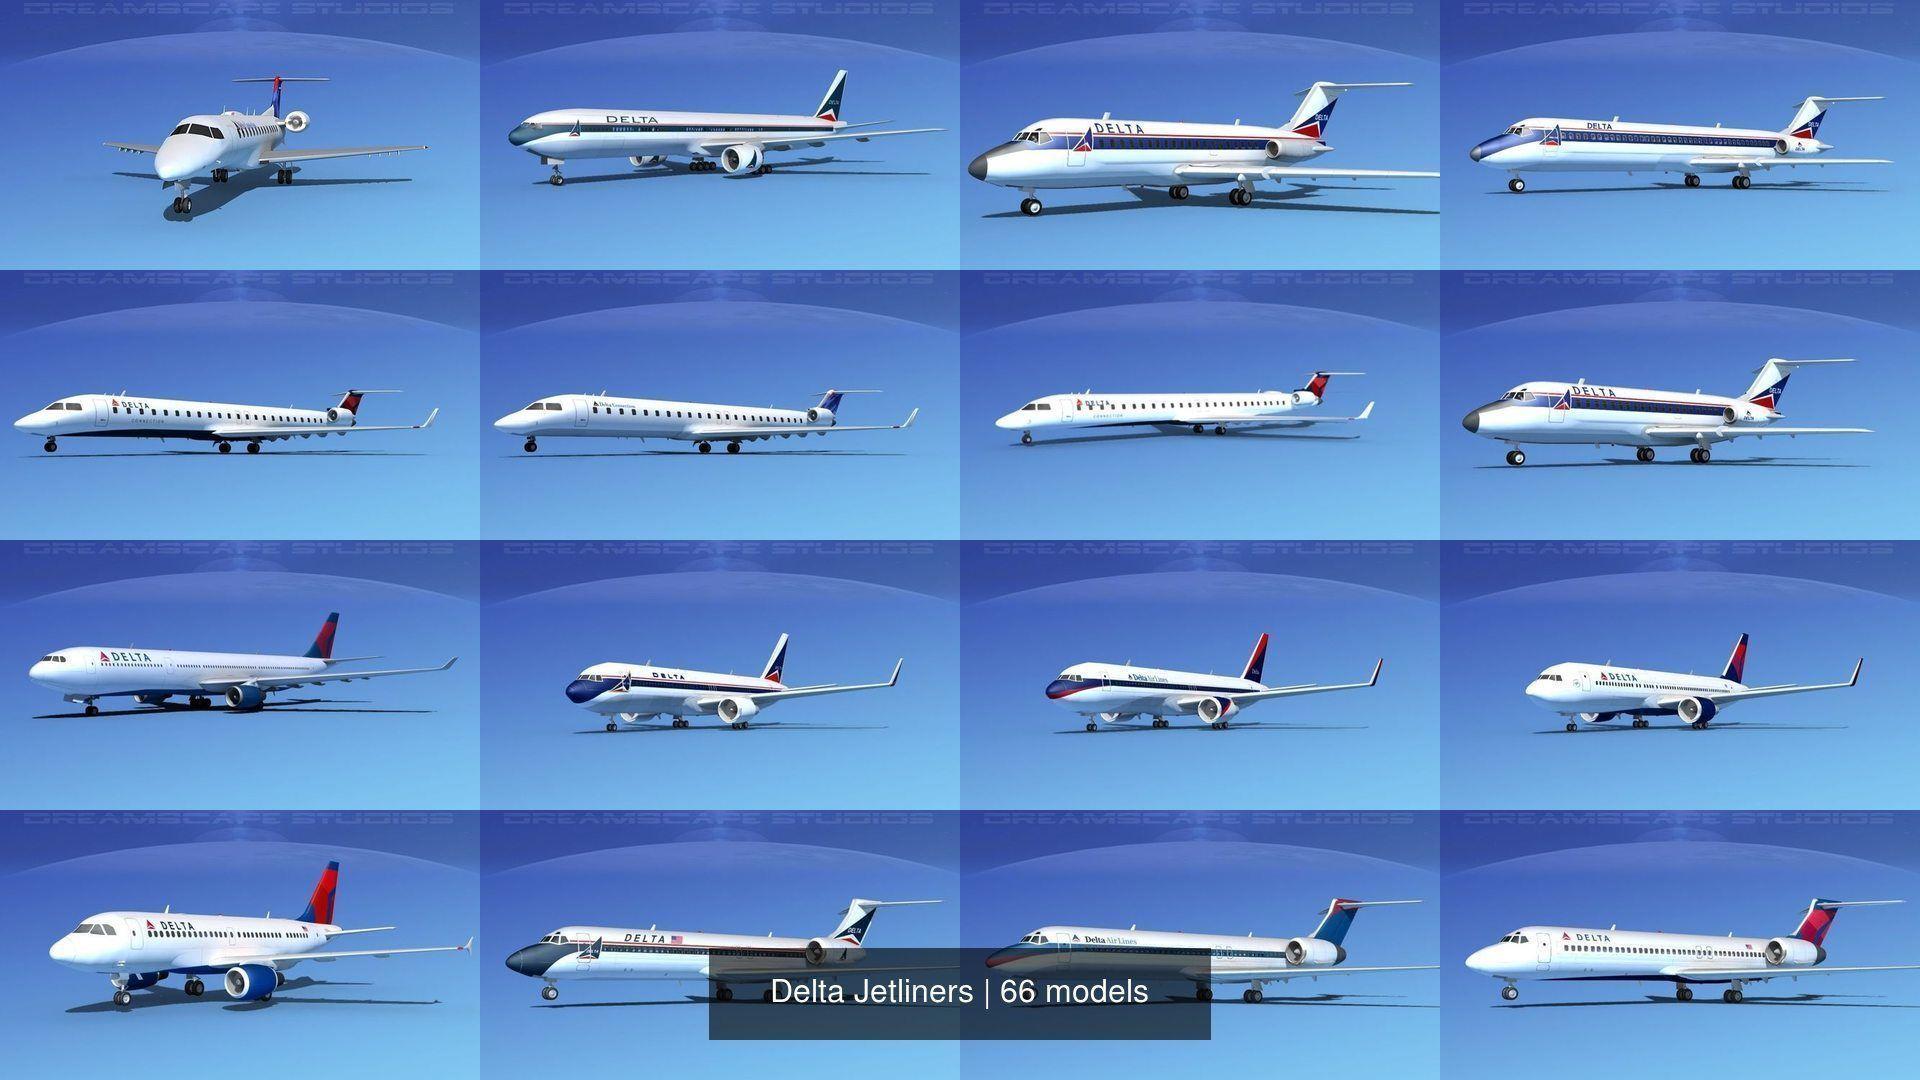 66 Delta Jetliners